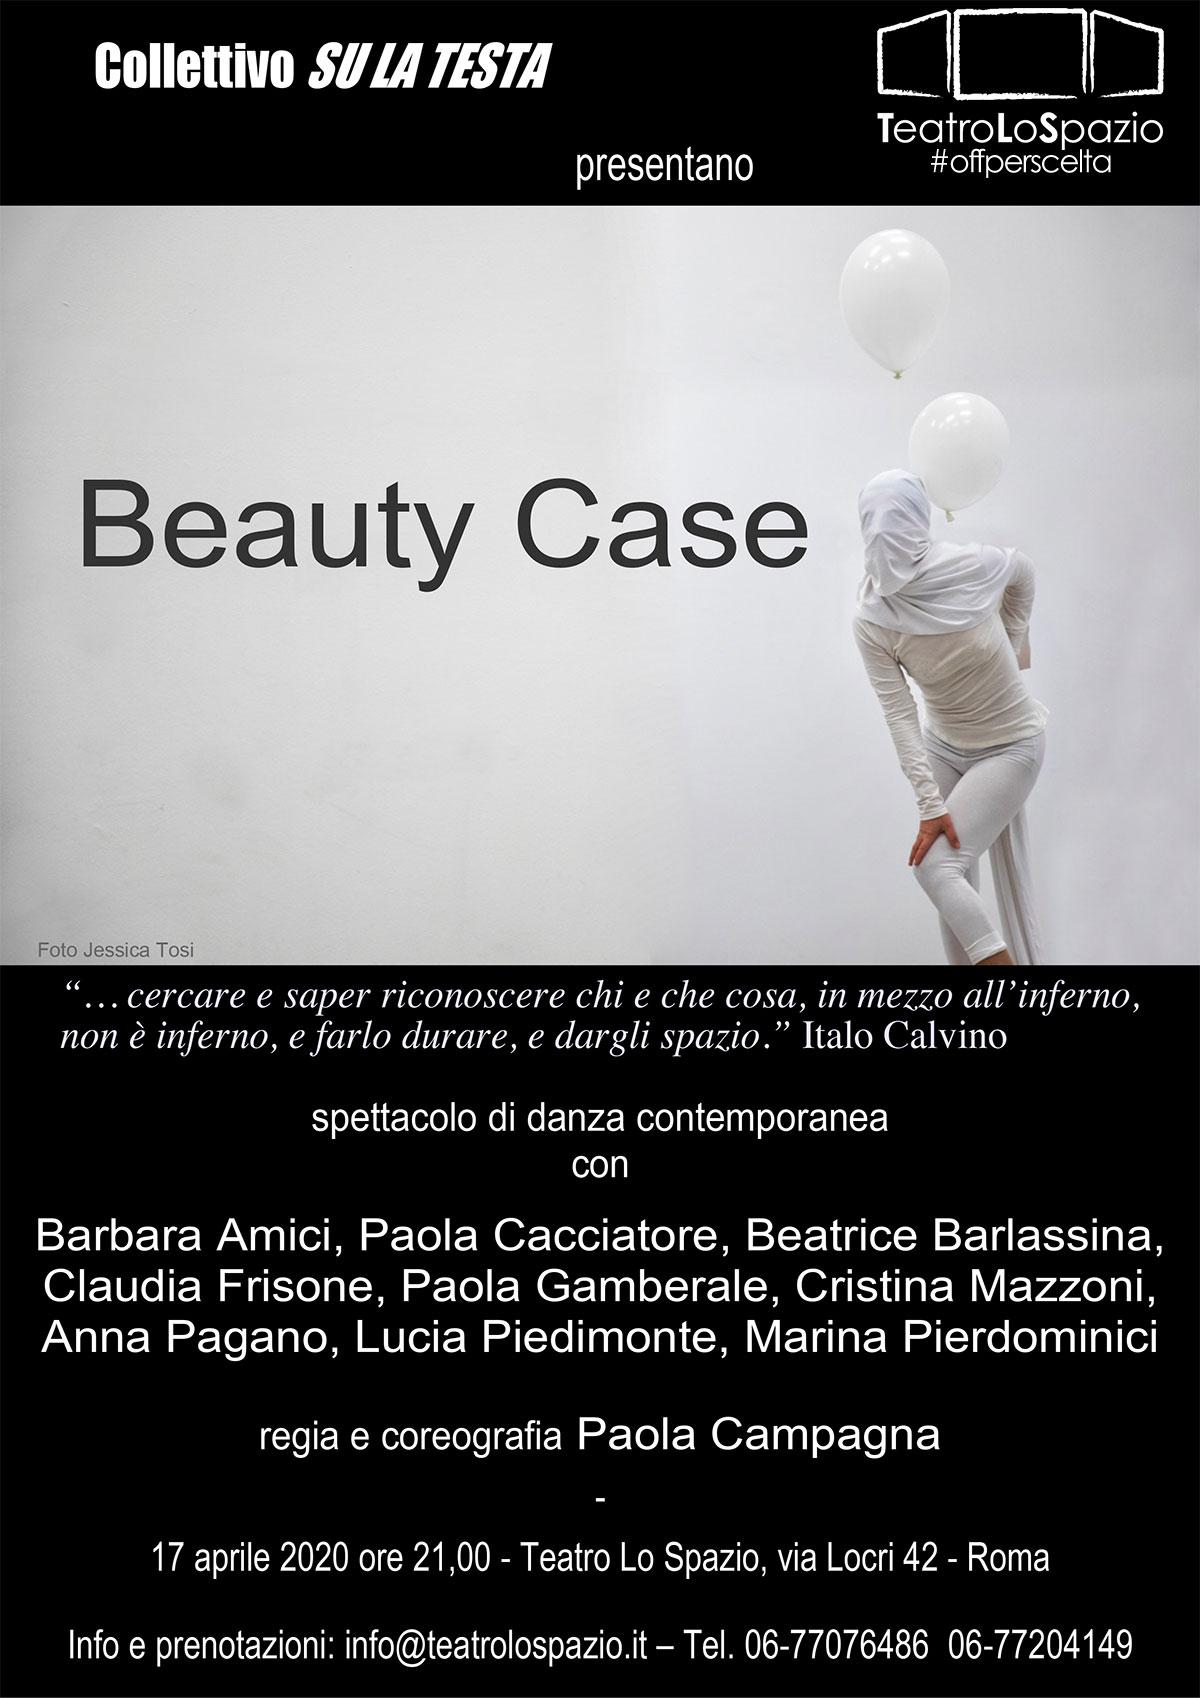 Beauty Case - TeatroLoSpazio - il 17 aprile 2020 - ore 21.00 - Via Locri 42 00183 Roma